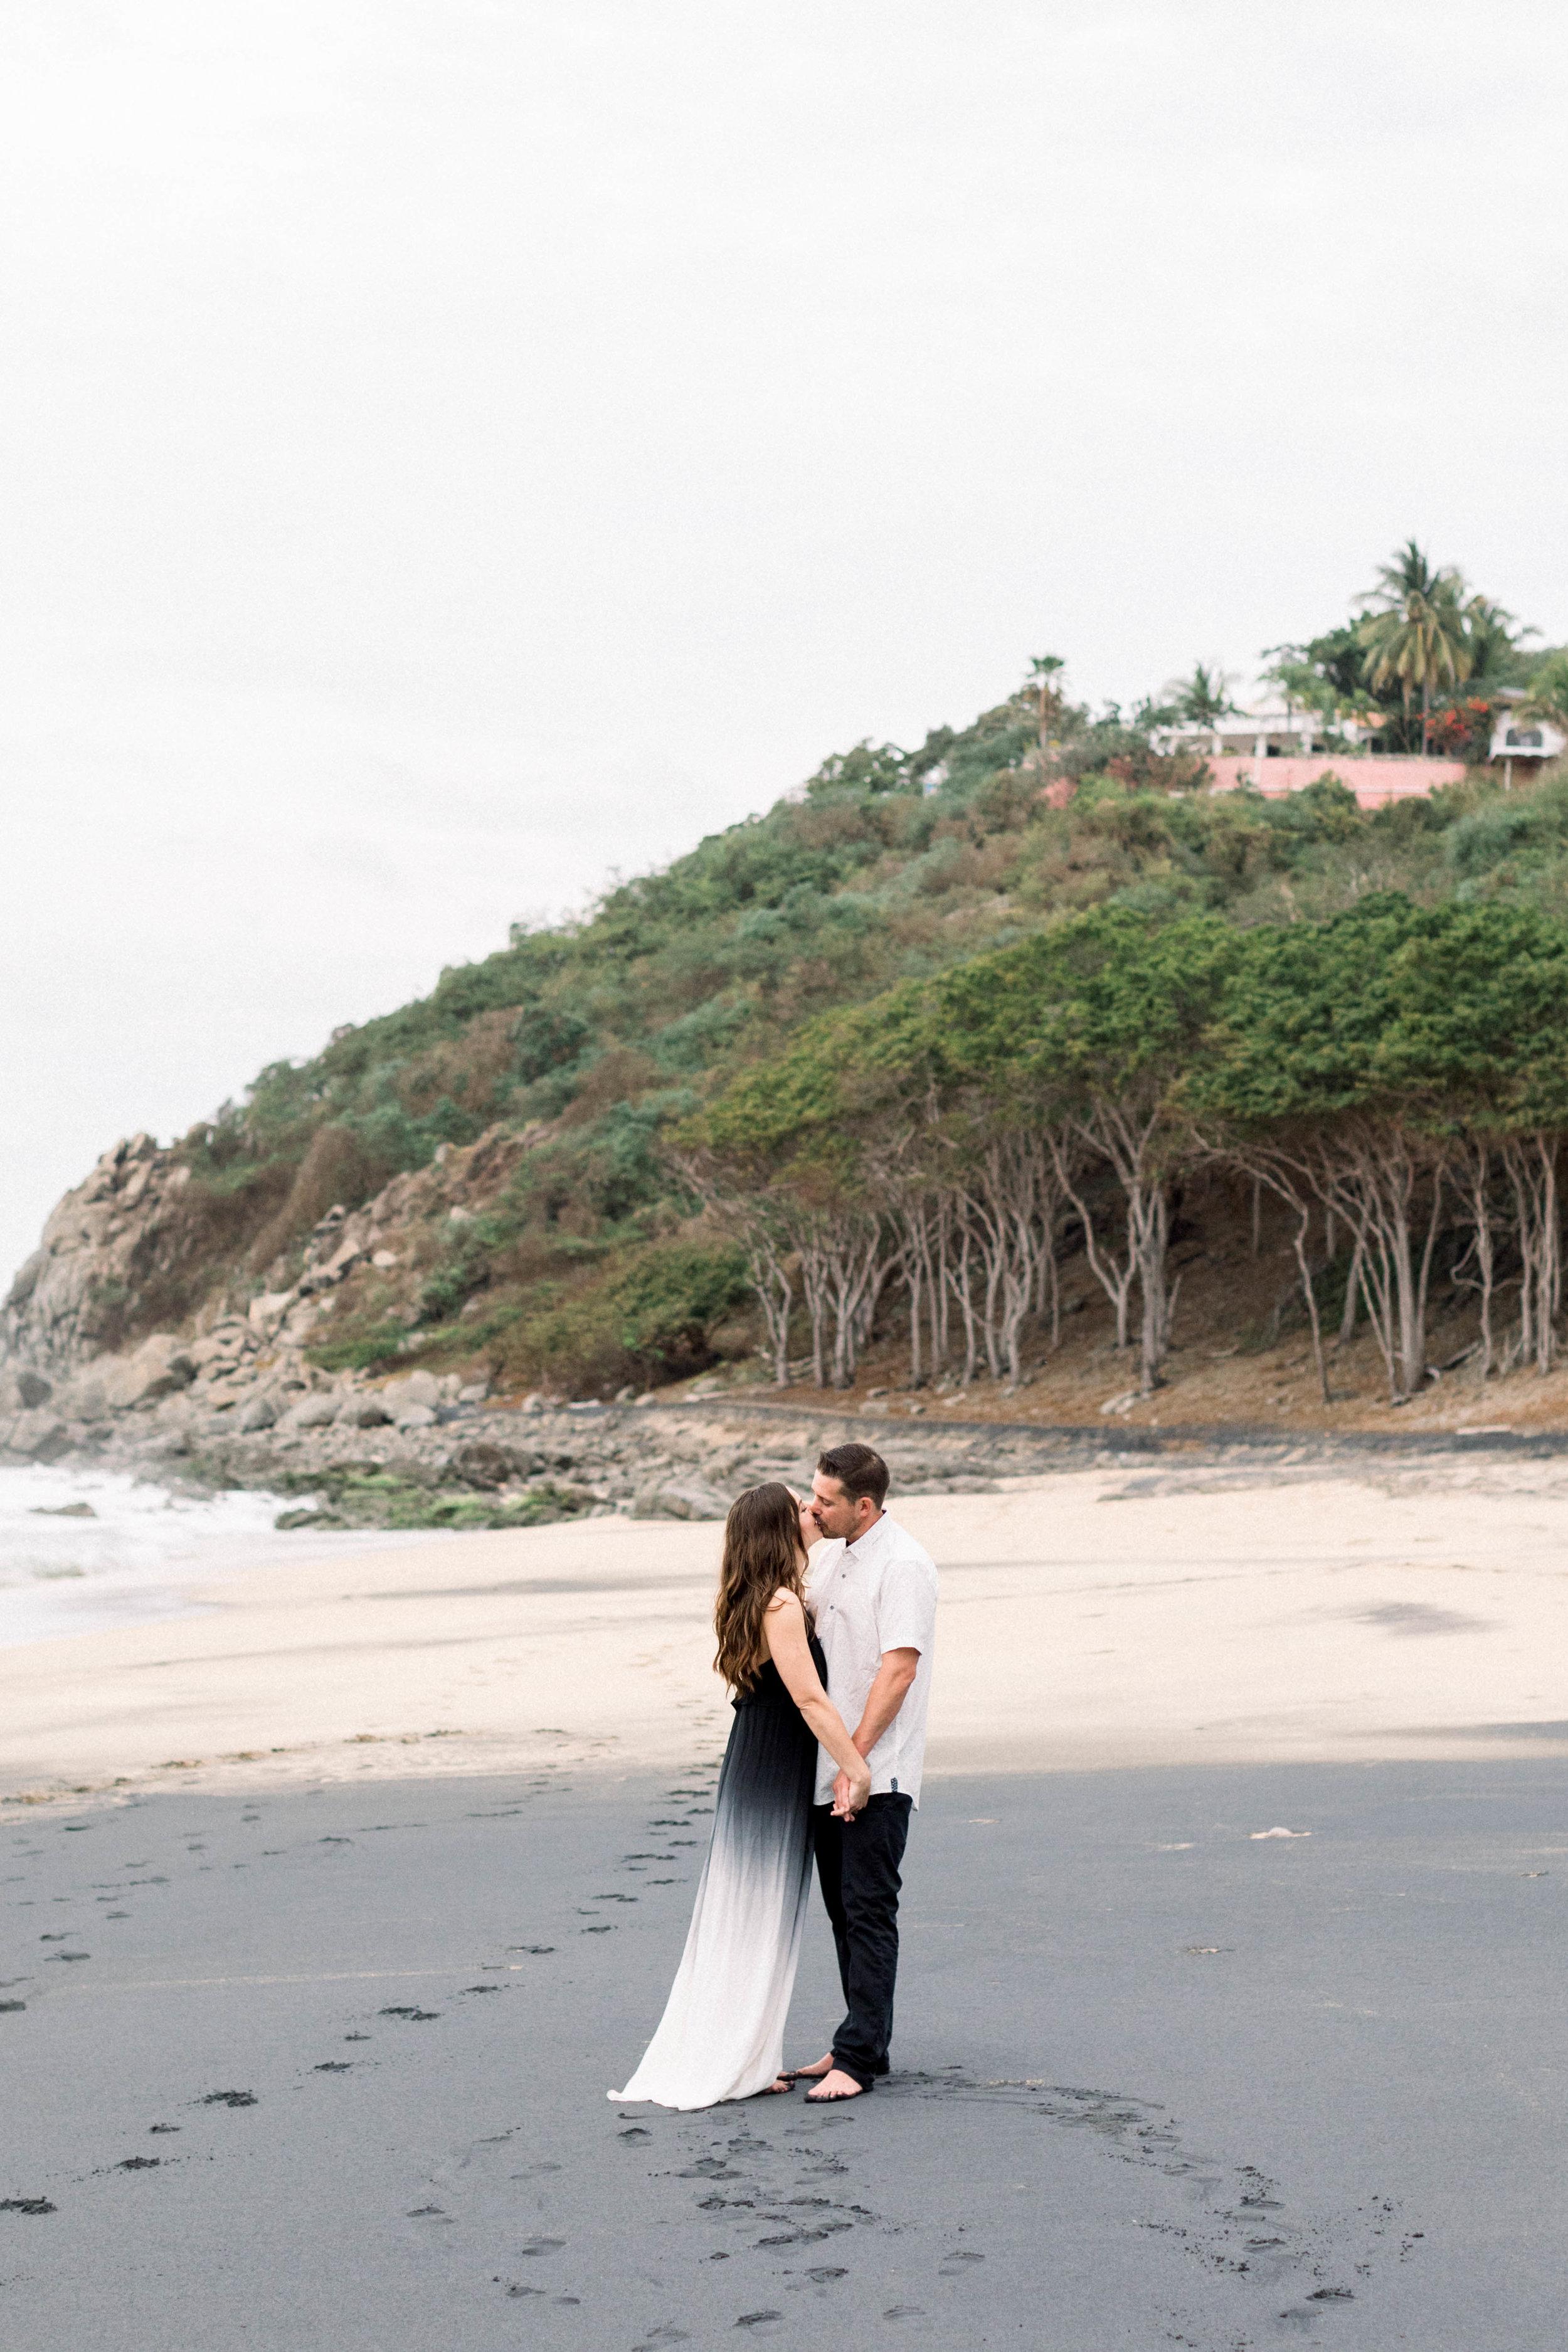 Puerto Vallarta wedding photographer